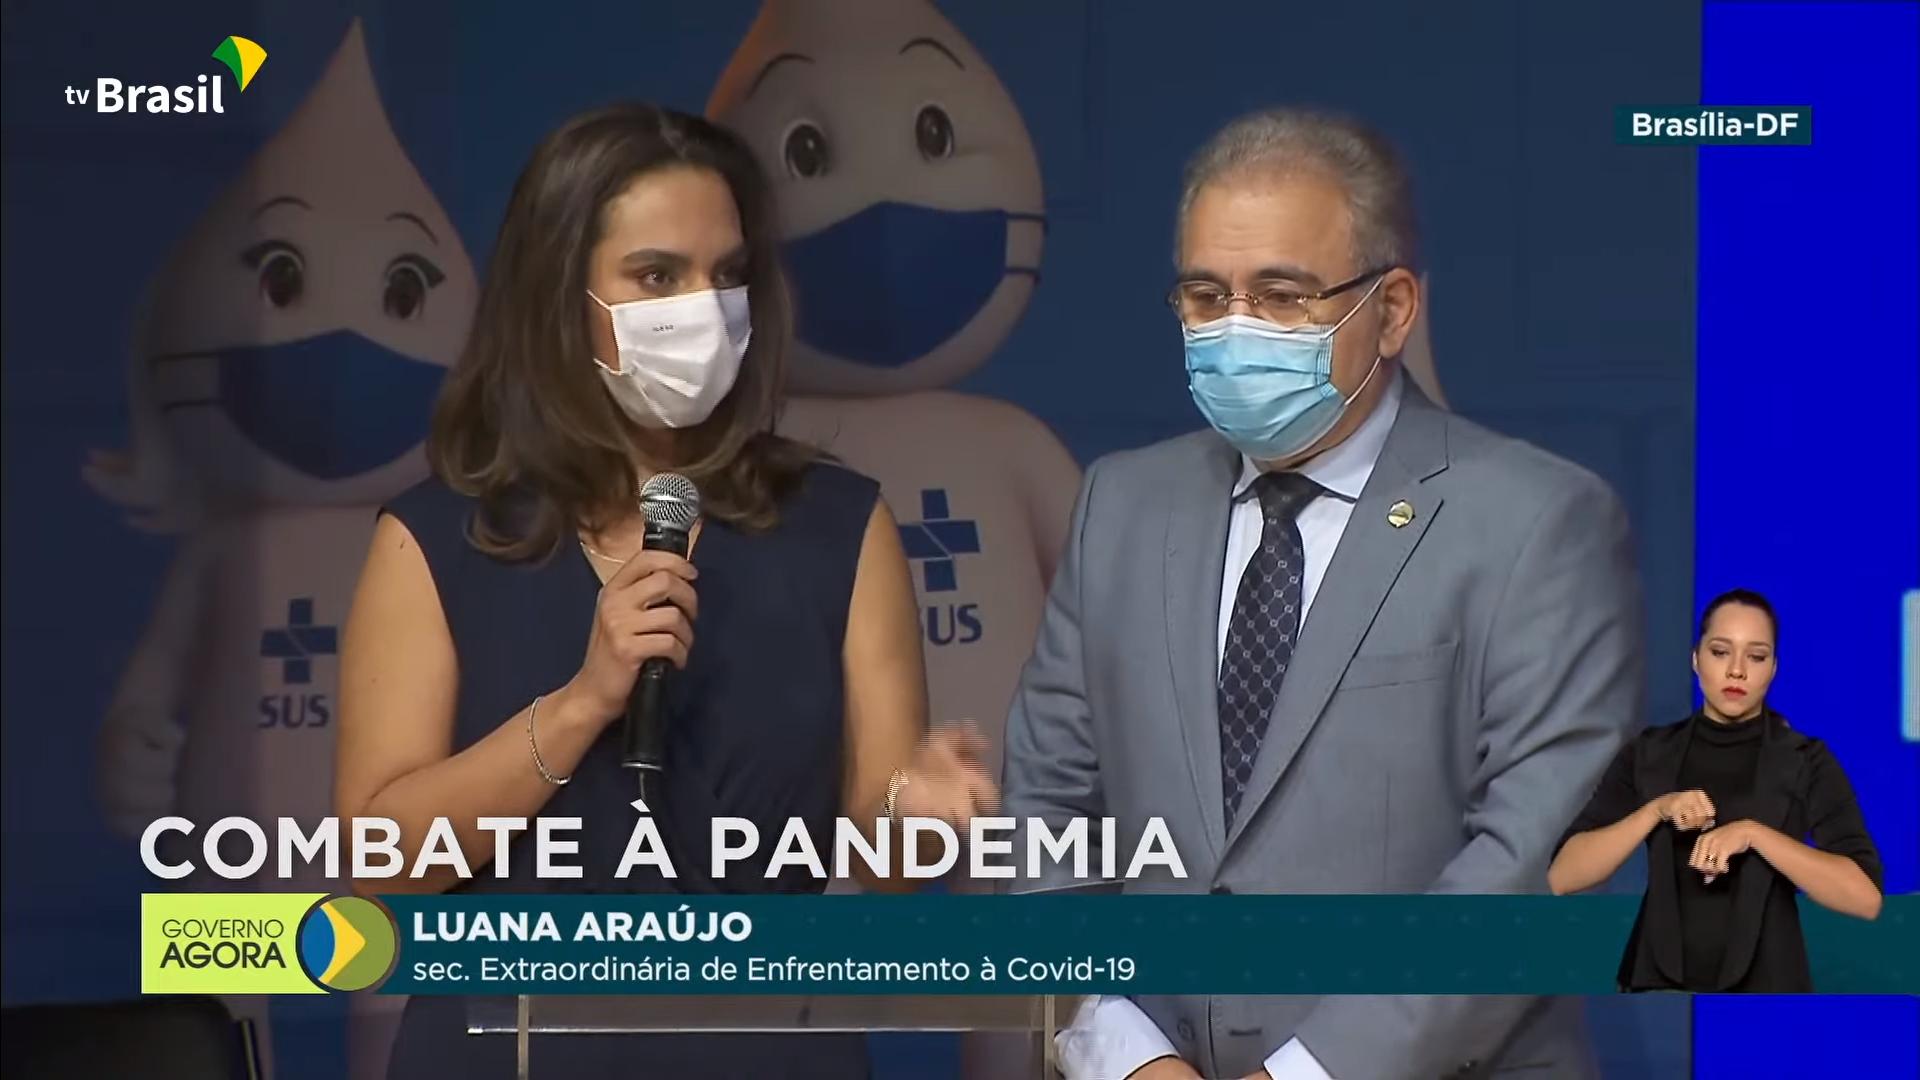 IMAGEM: Quem é Luana Araújo?